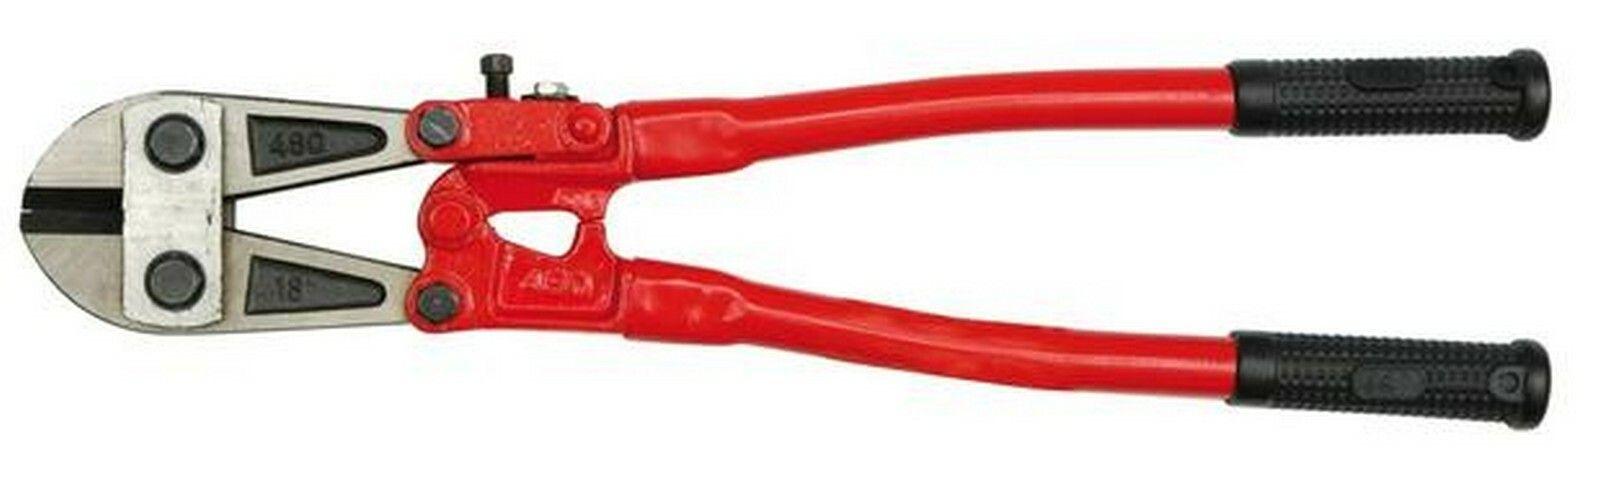 Nůžky štípací na tyče 750 mm TOYA